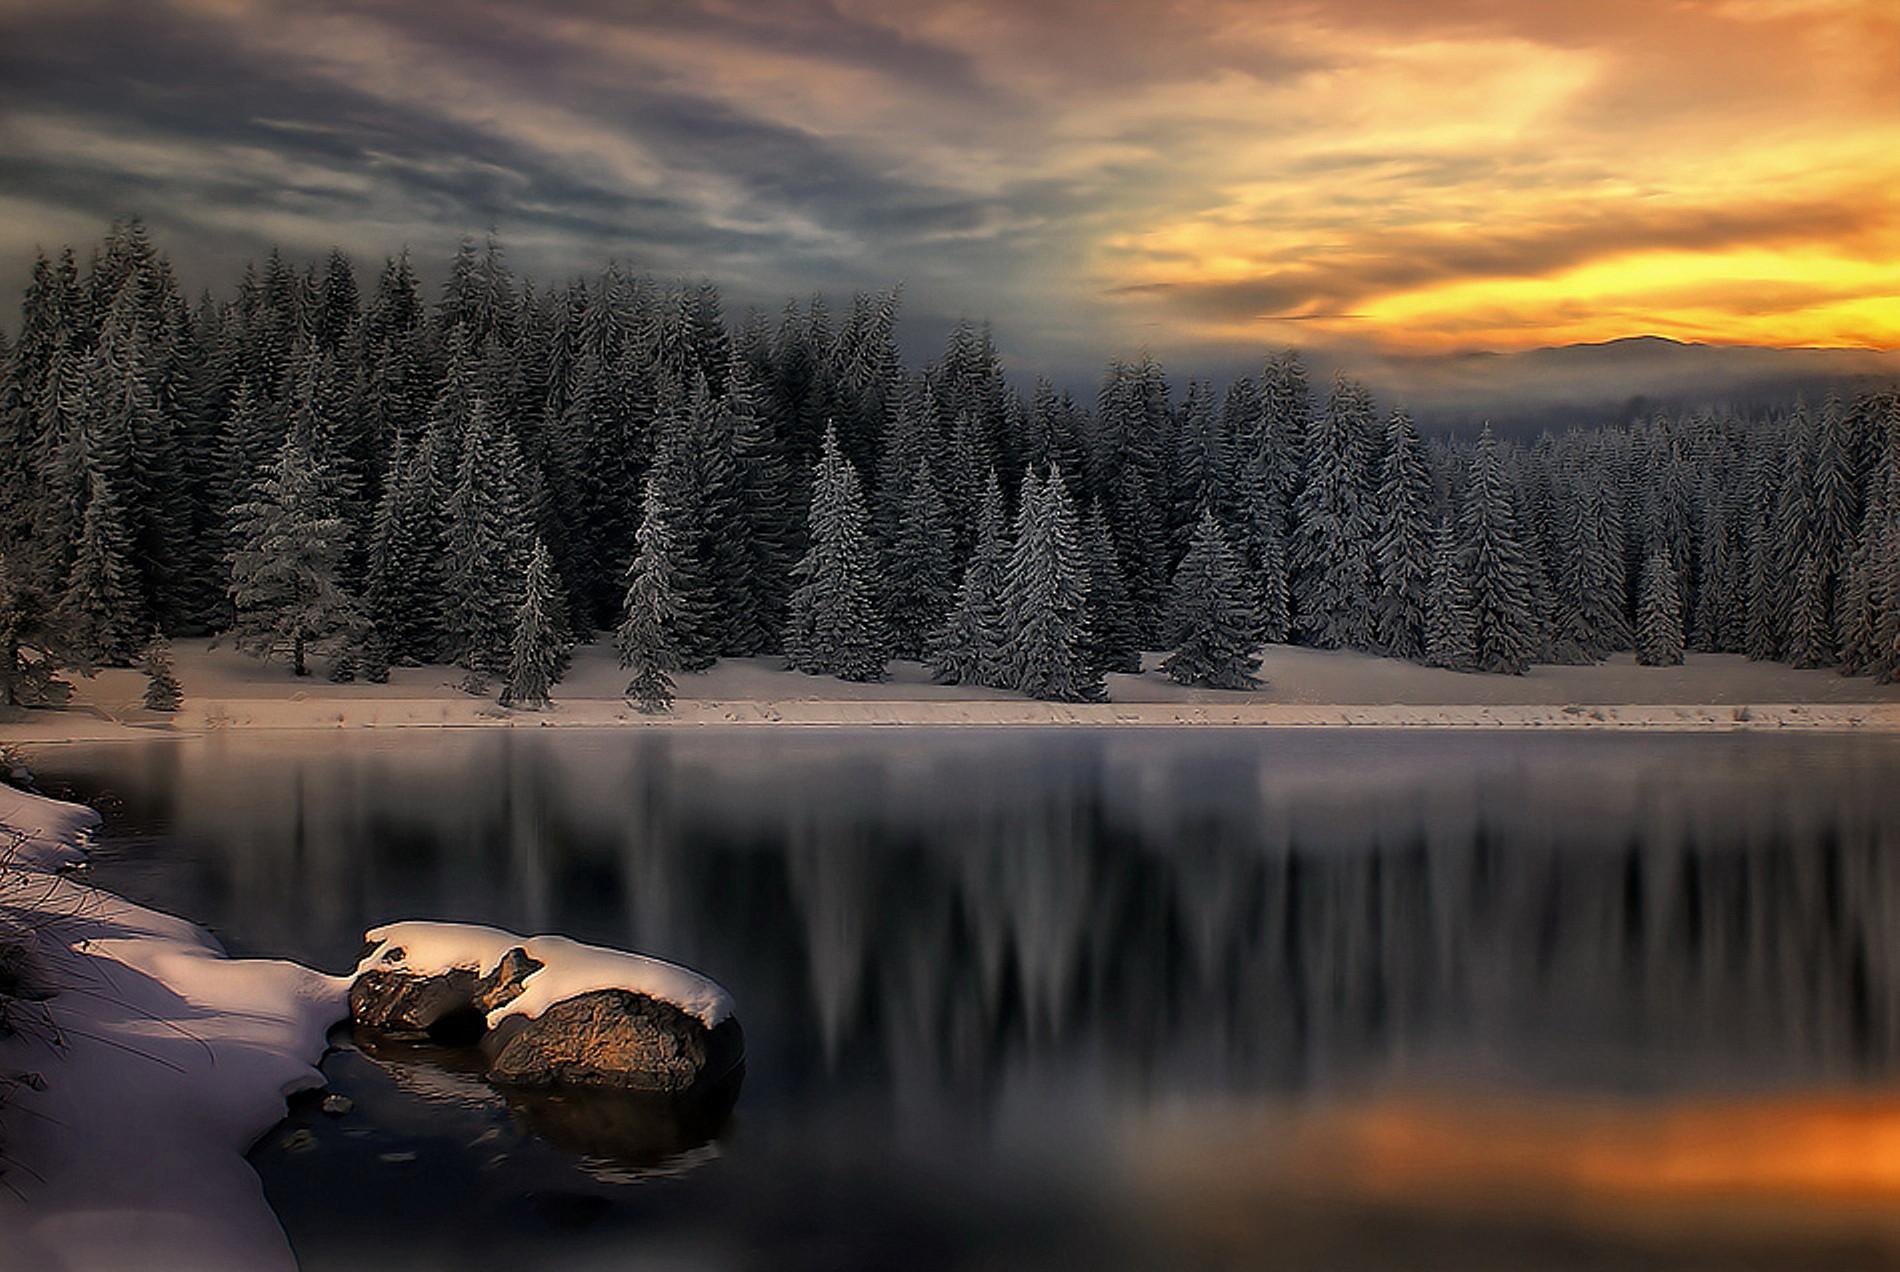 Sfondo inverno tramonto sul lago innevato sfondi hd gratis for Immagini per desktop inverno